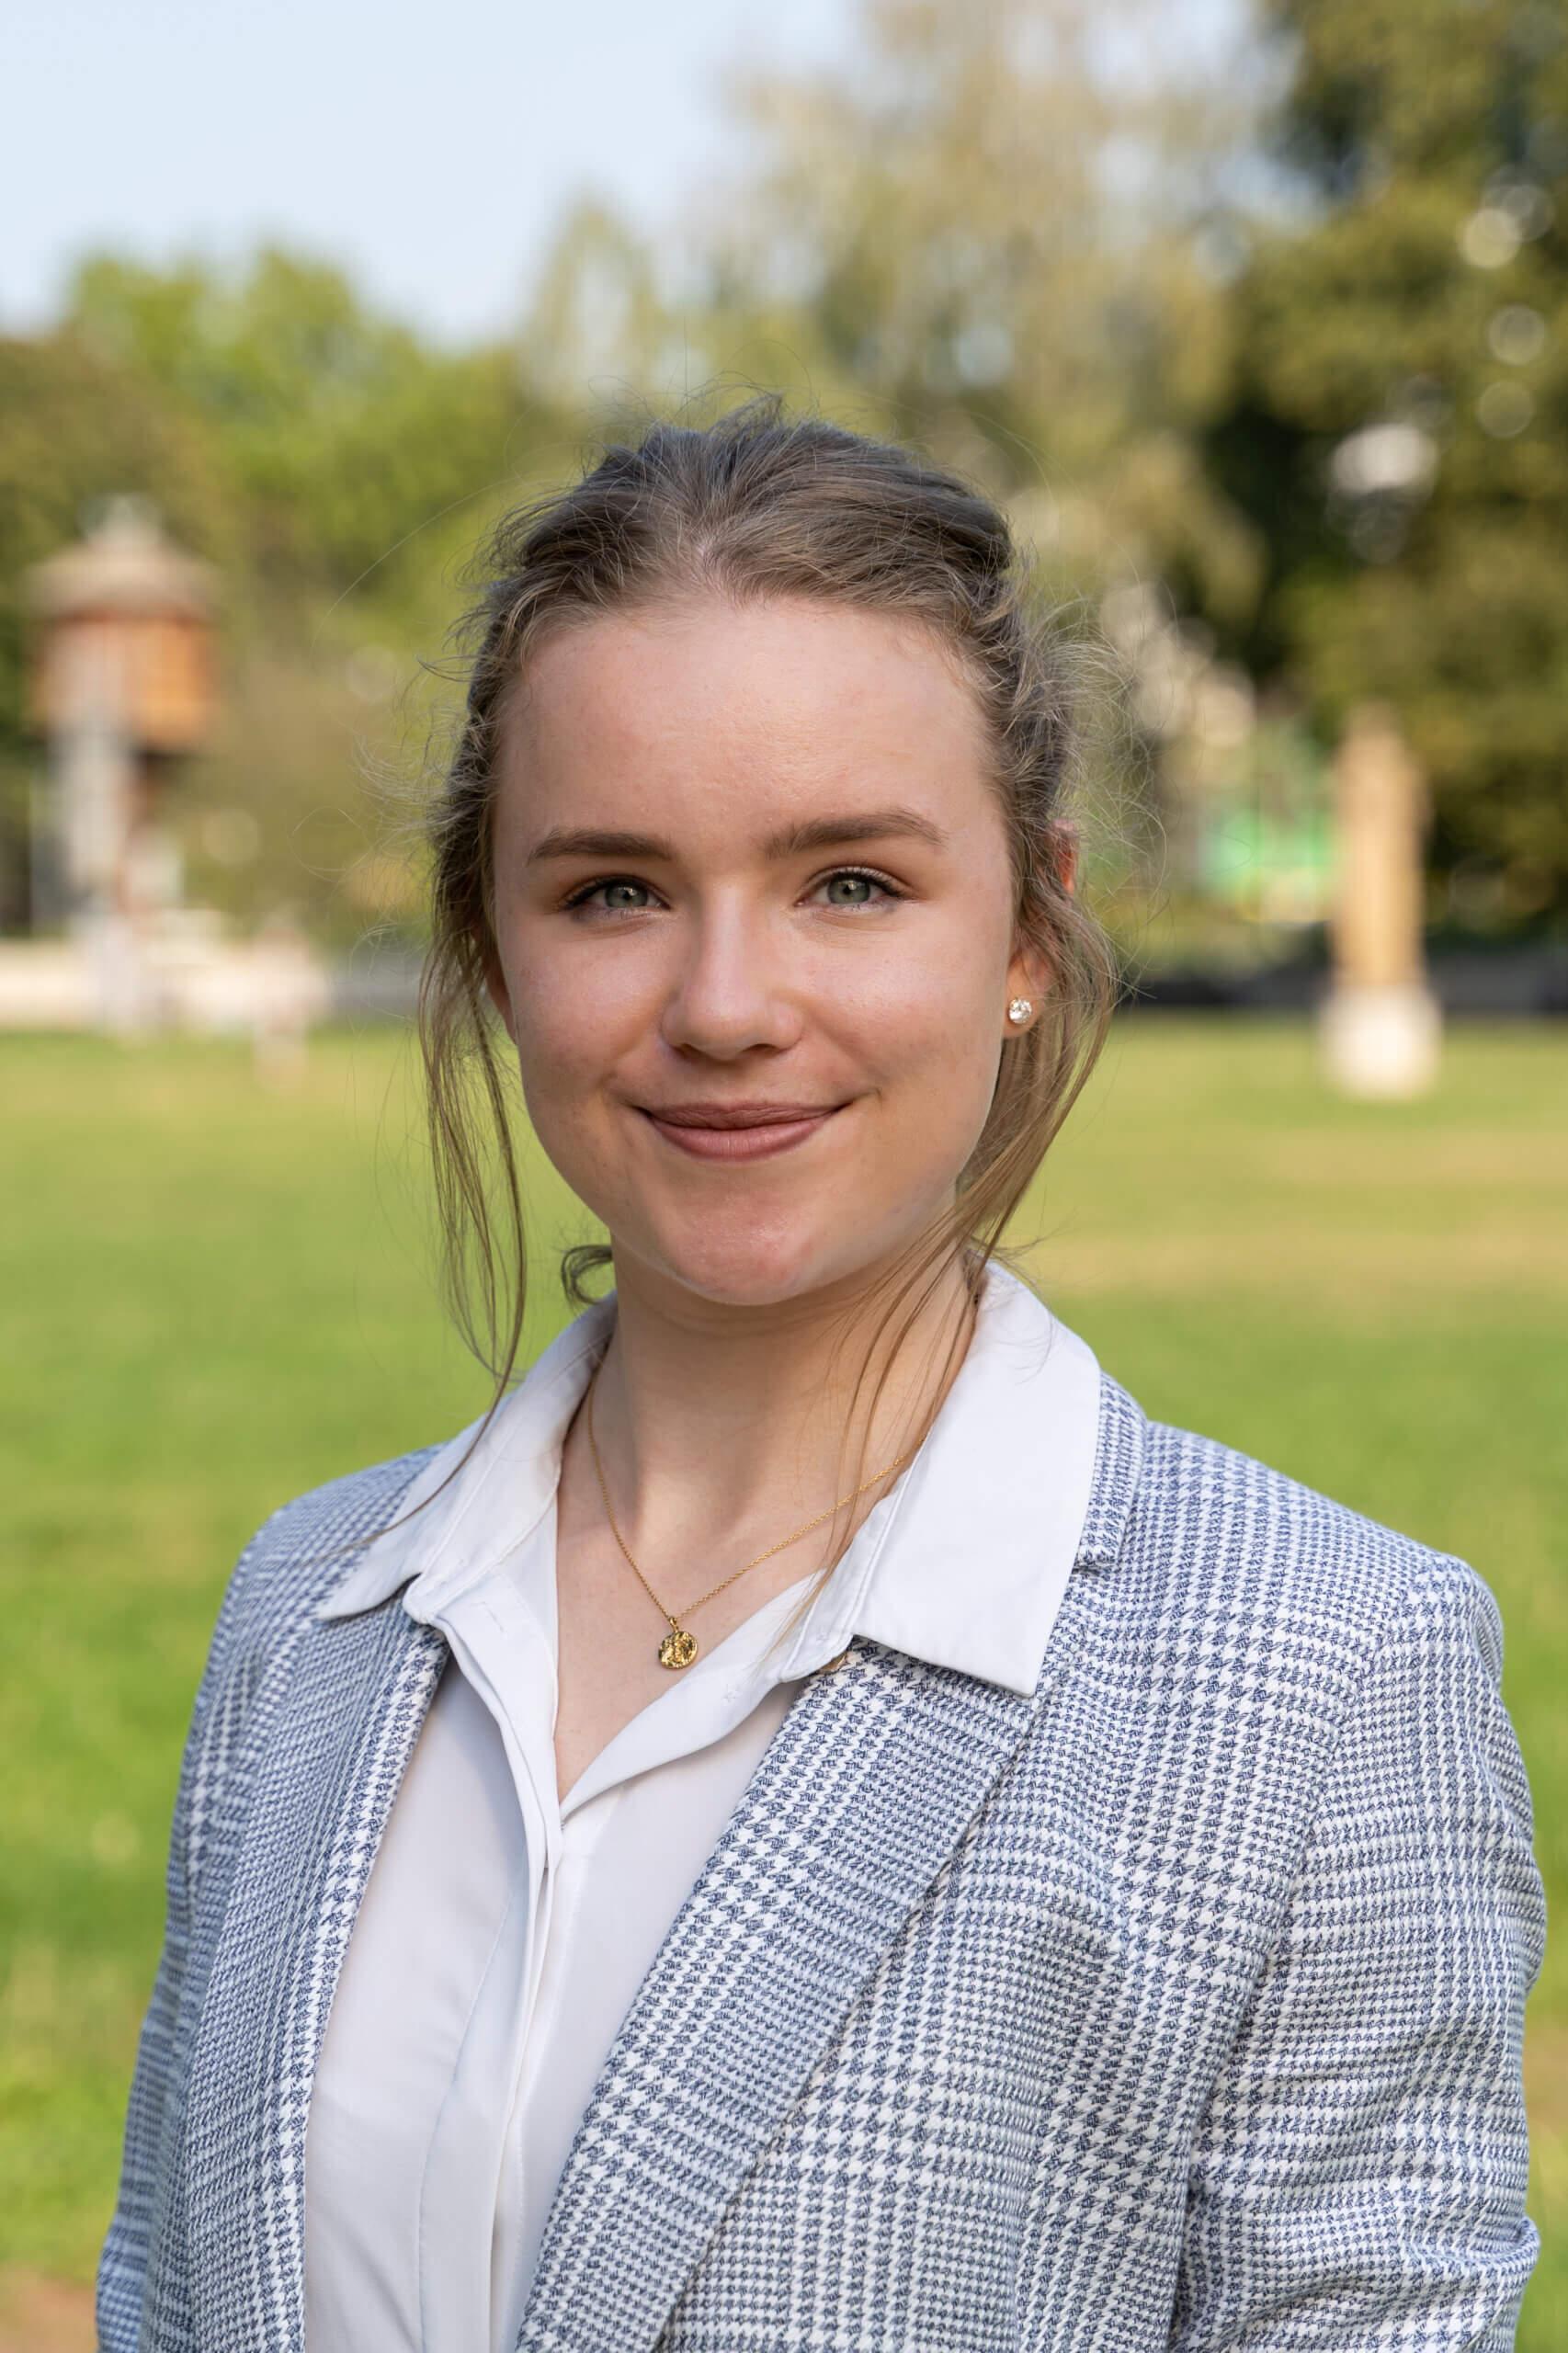 Sophie Pallaske